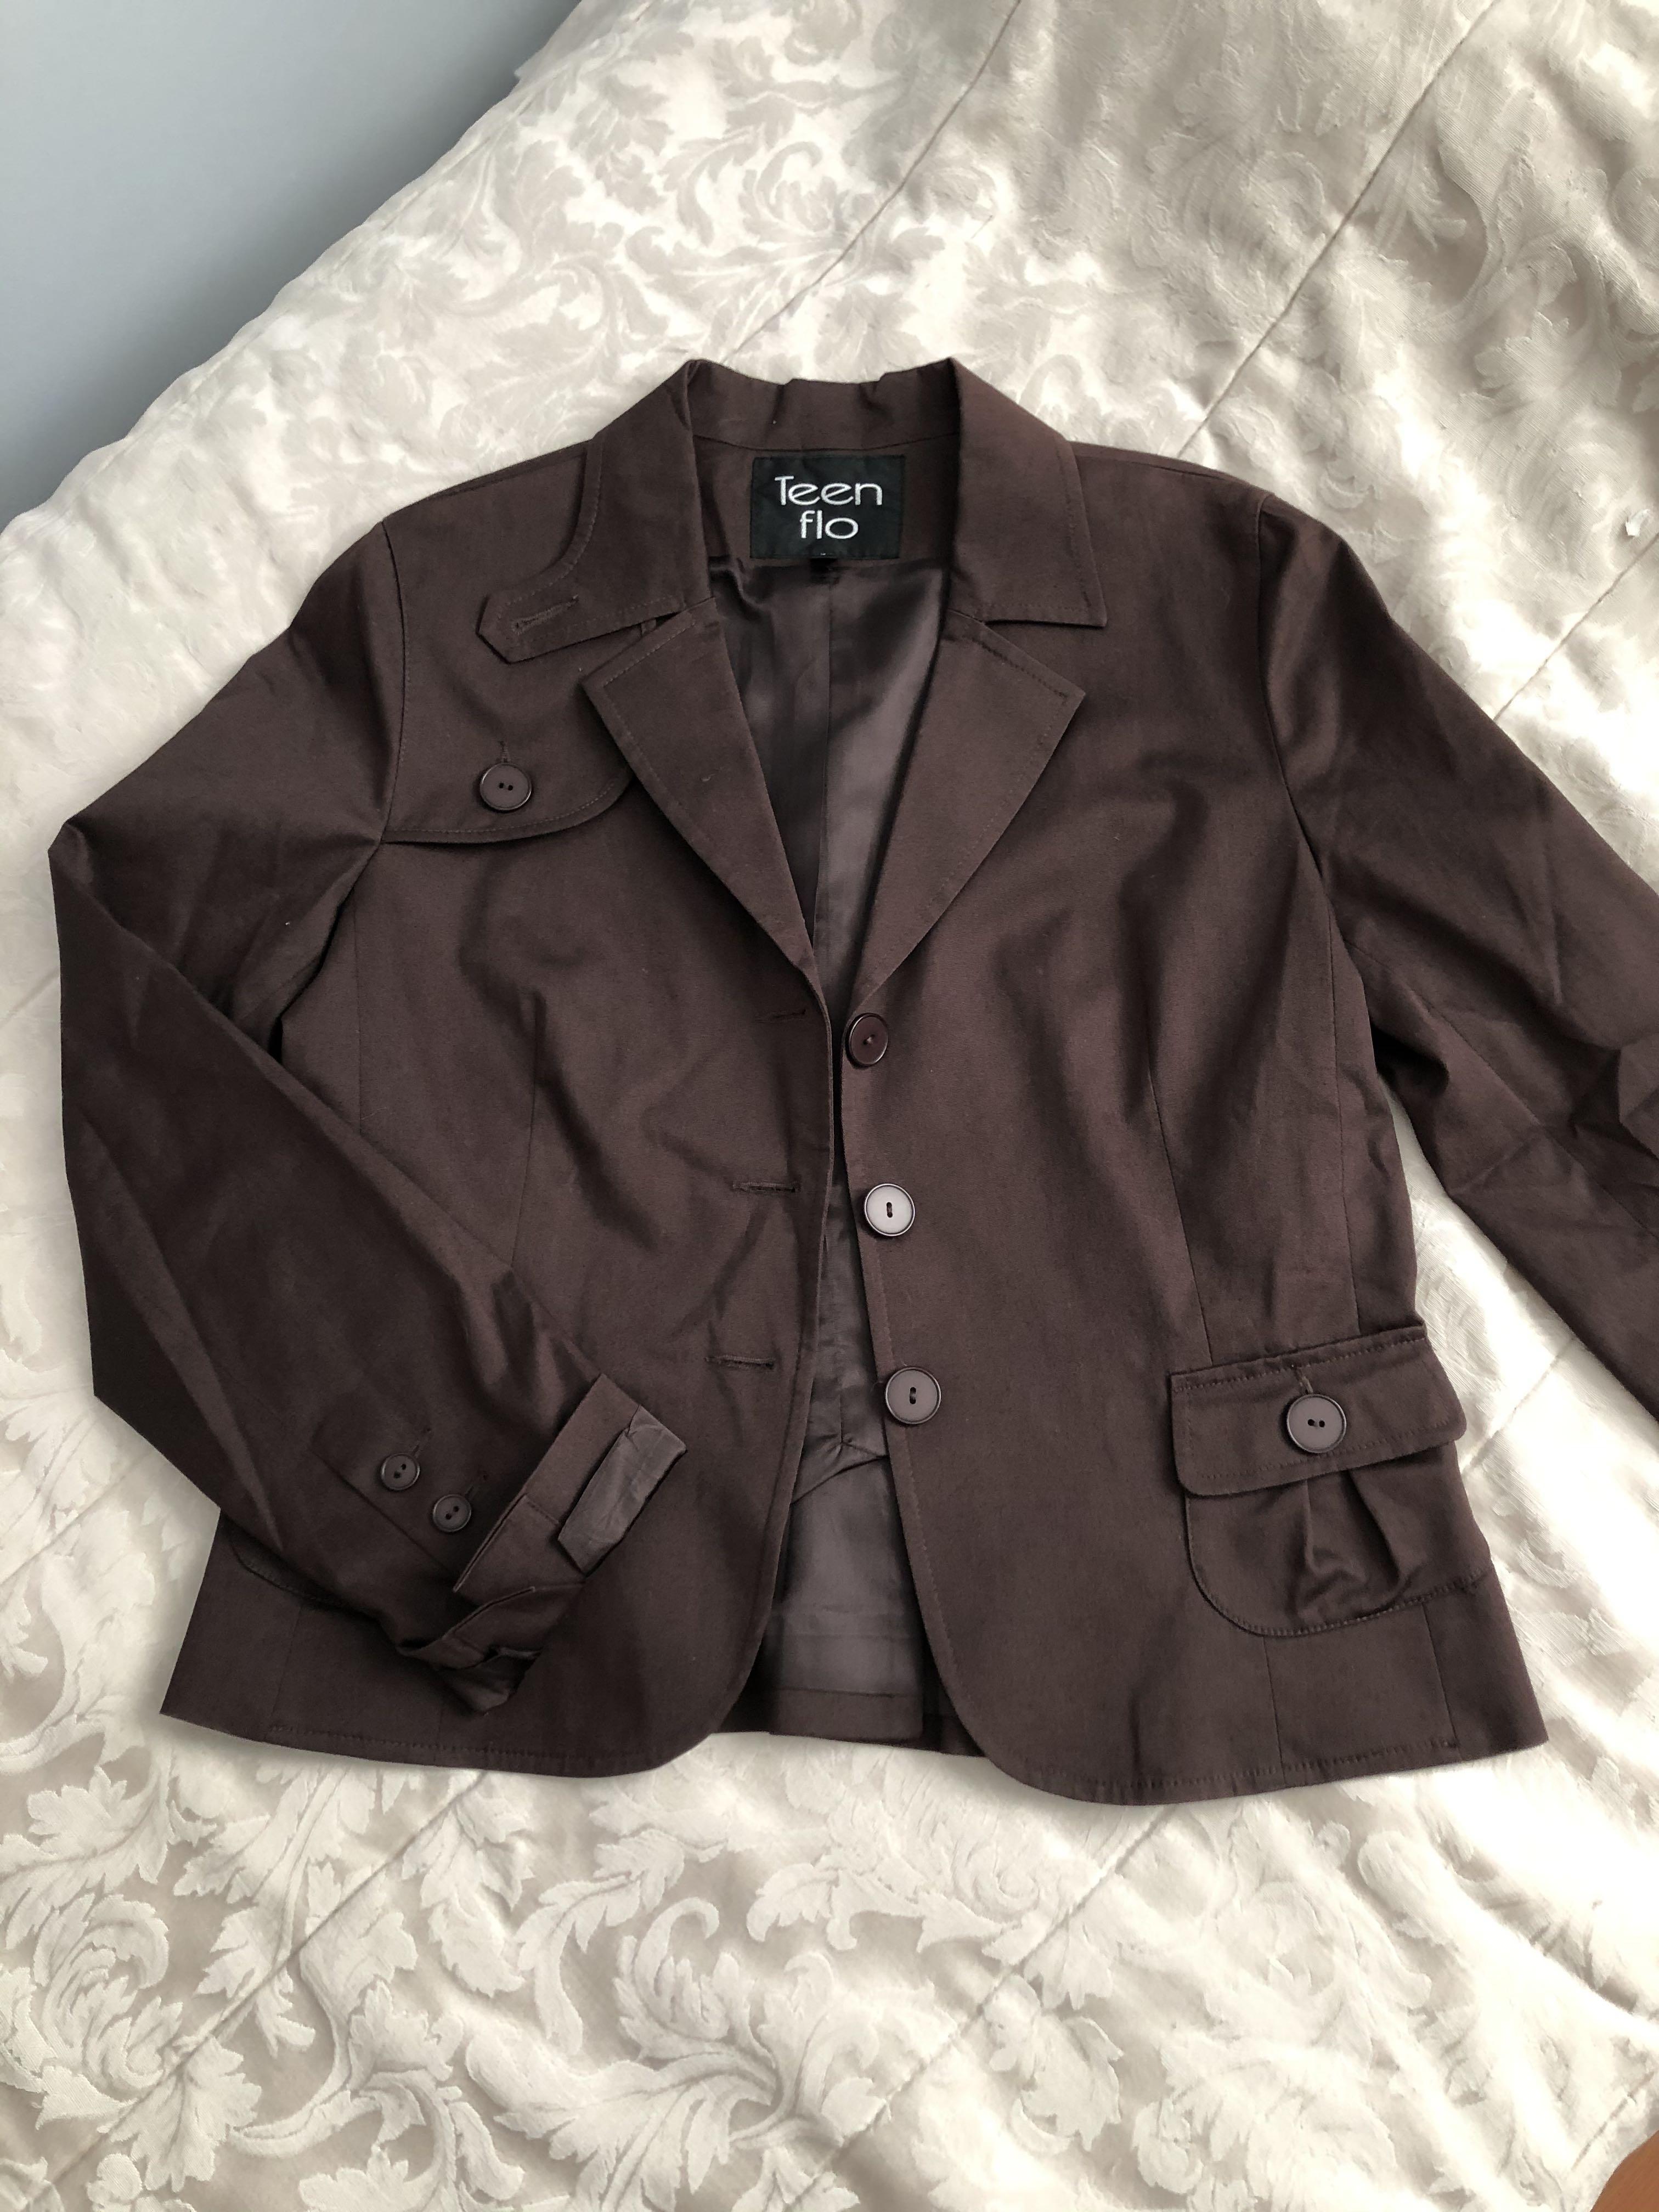 NWT brown blazer jacket